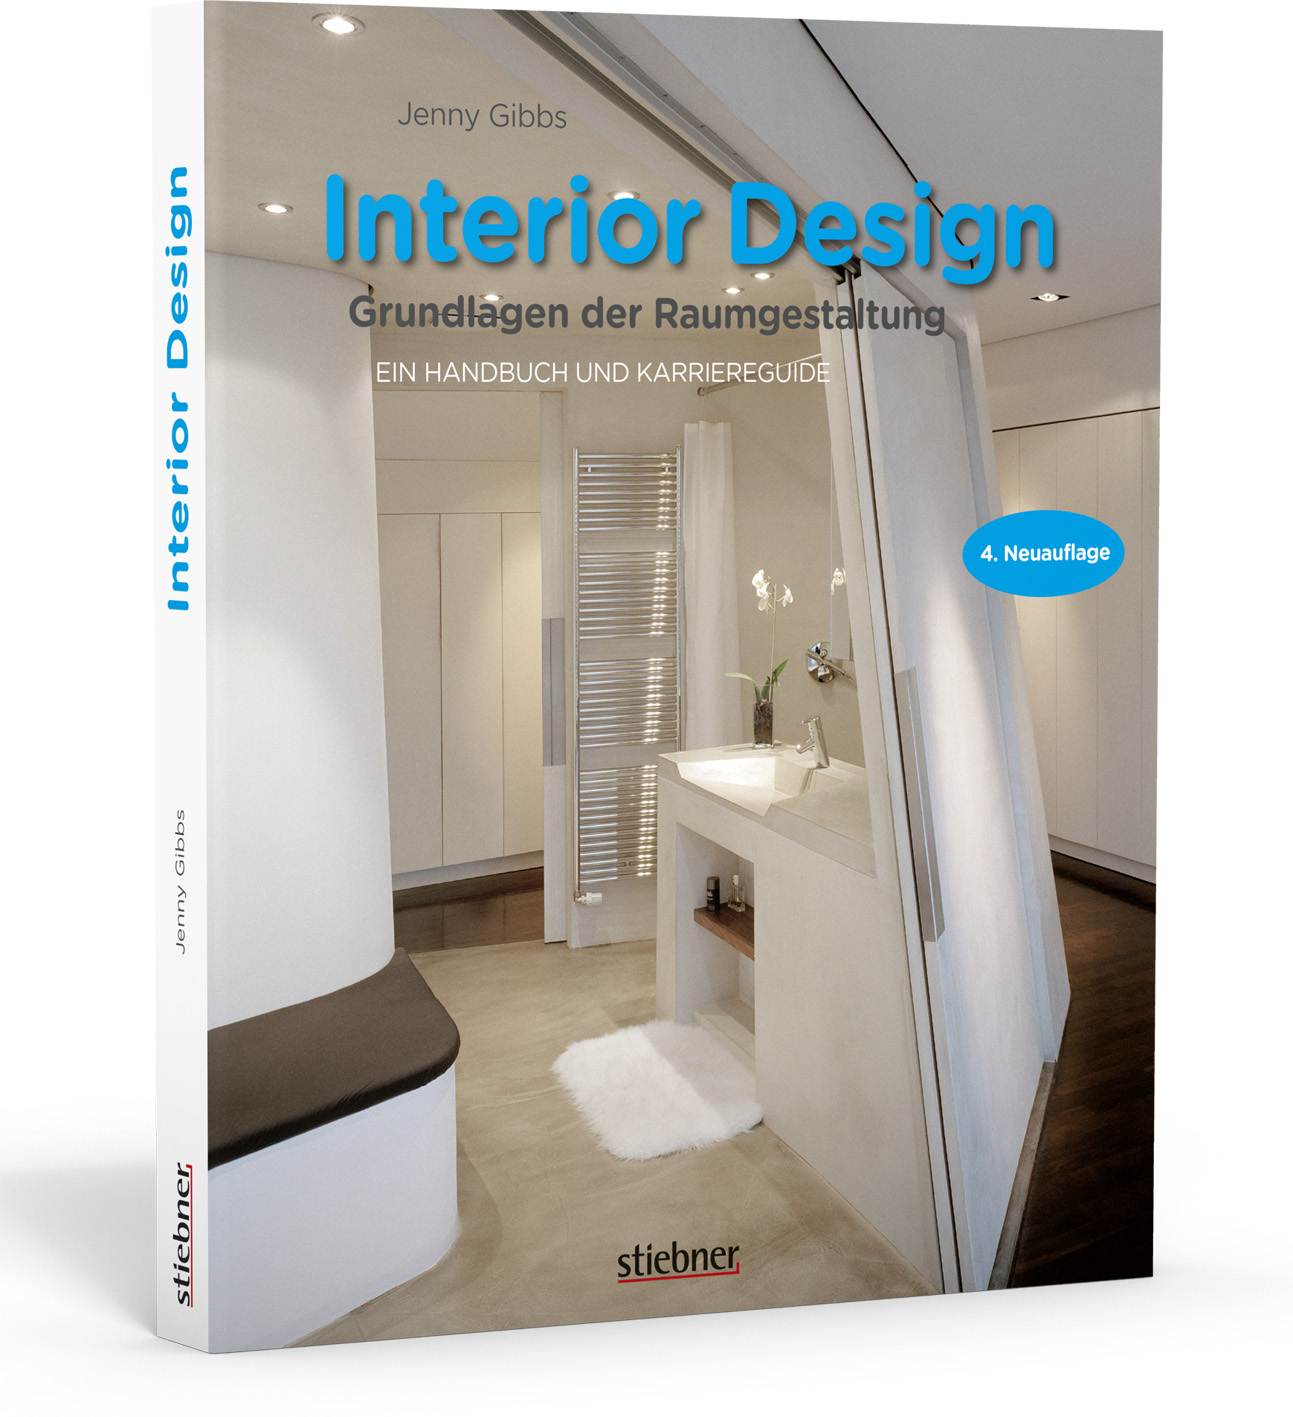 Interior design grundlagen der raumgestaltung von gibbs for Raumgestaltung grundlagen